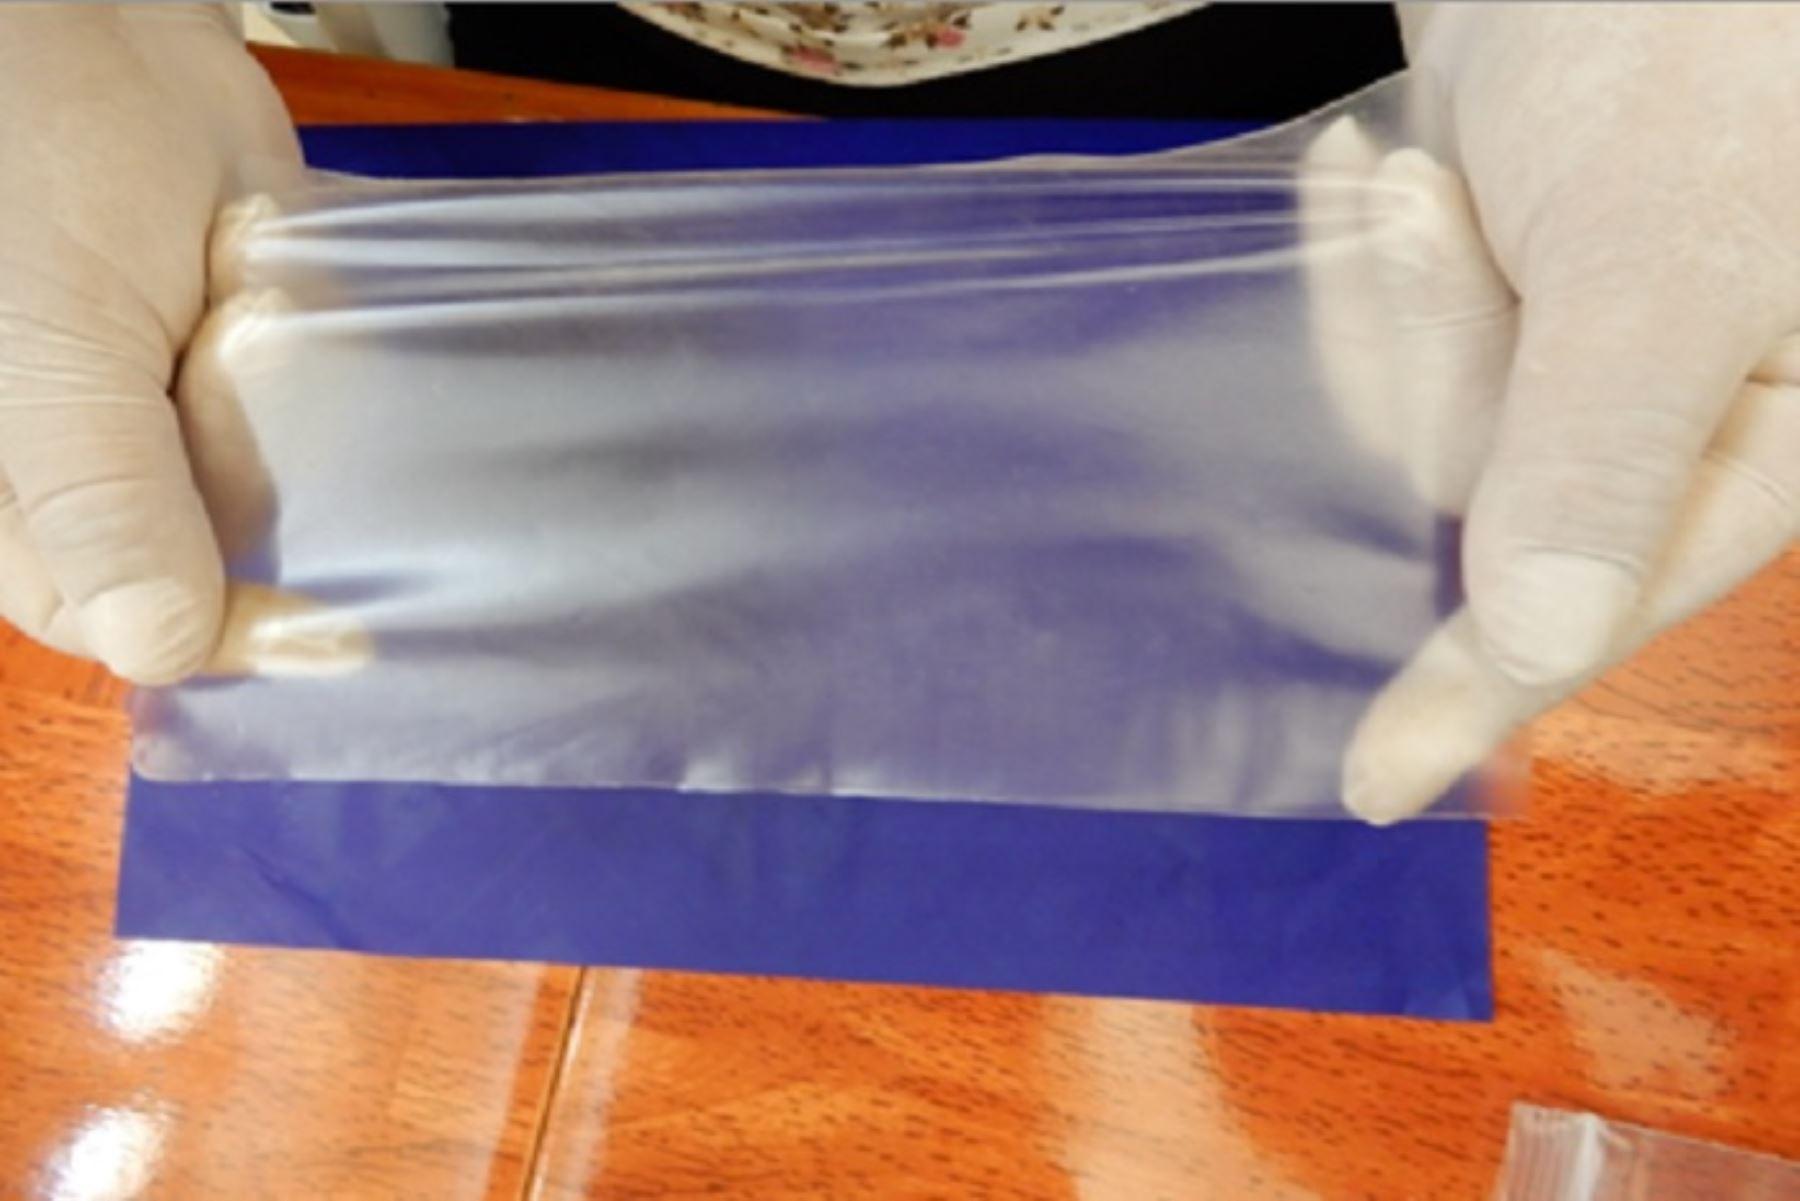 En Arequipa un grupo de investigadores han desarrollado la producción de bolsas de plástico a base de almidón de papa, que bien podrían reemplazar las bolsas de plástico de un solo uso que tanto daño hace al ecosistema.